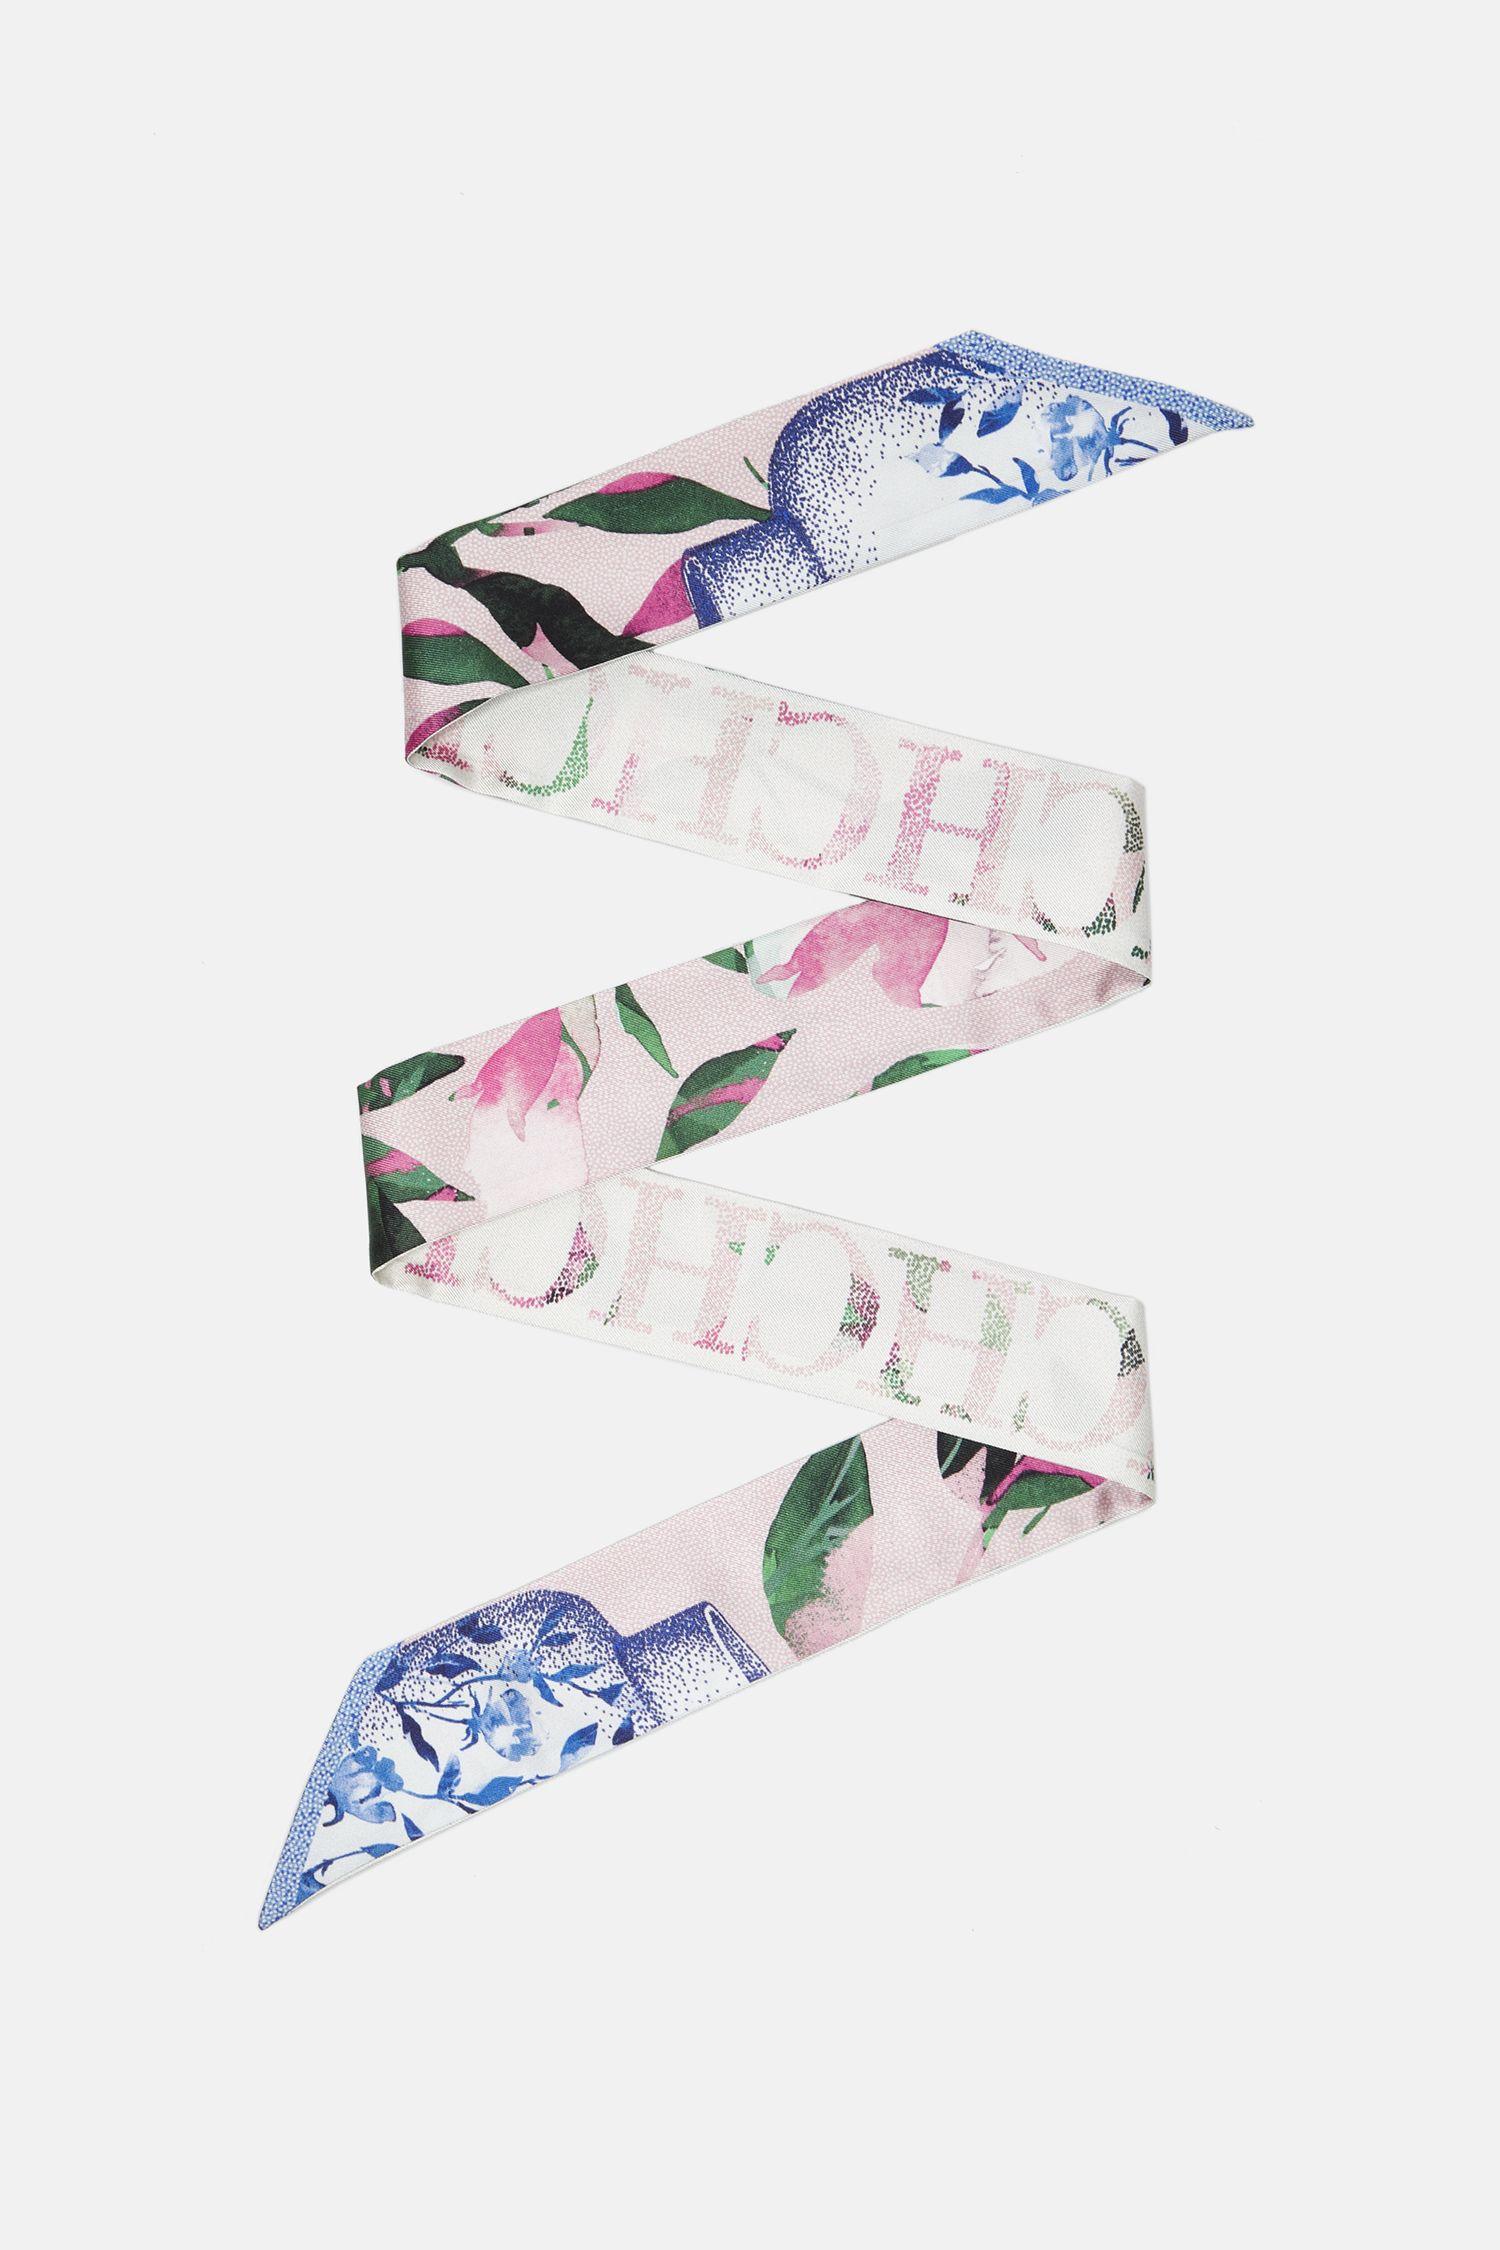 CH in Bloom bandana